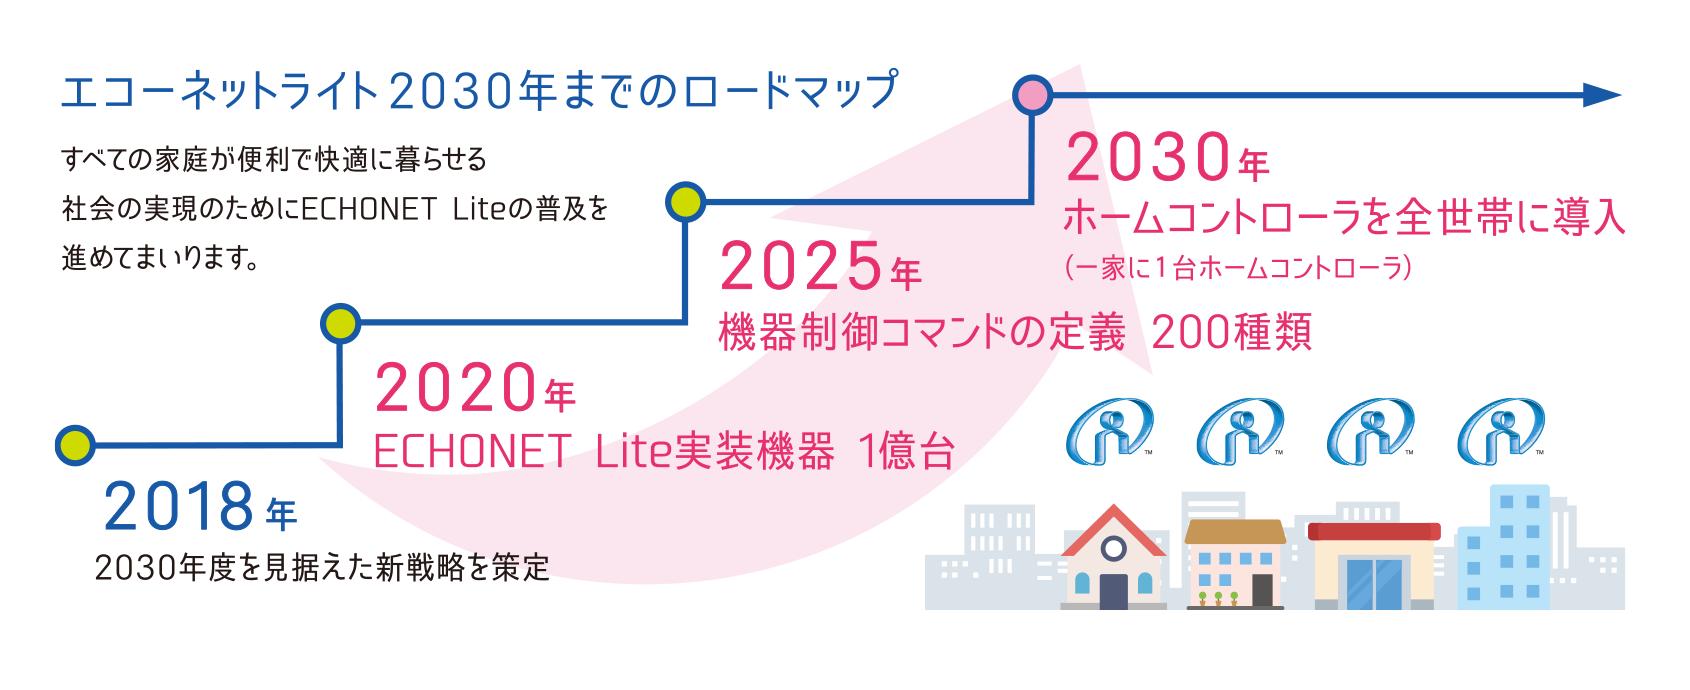 エコーネットライト2030年までのロードマップ